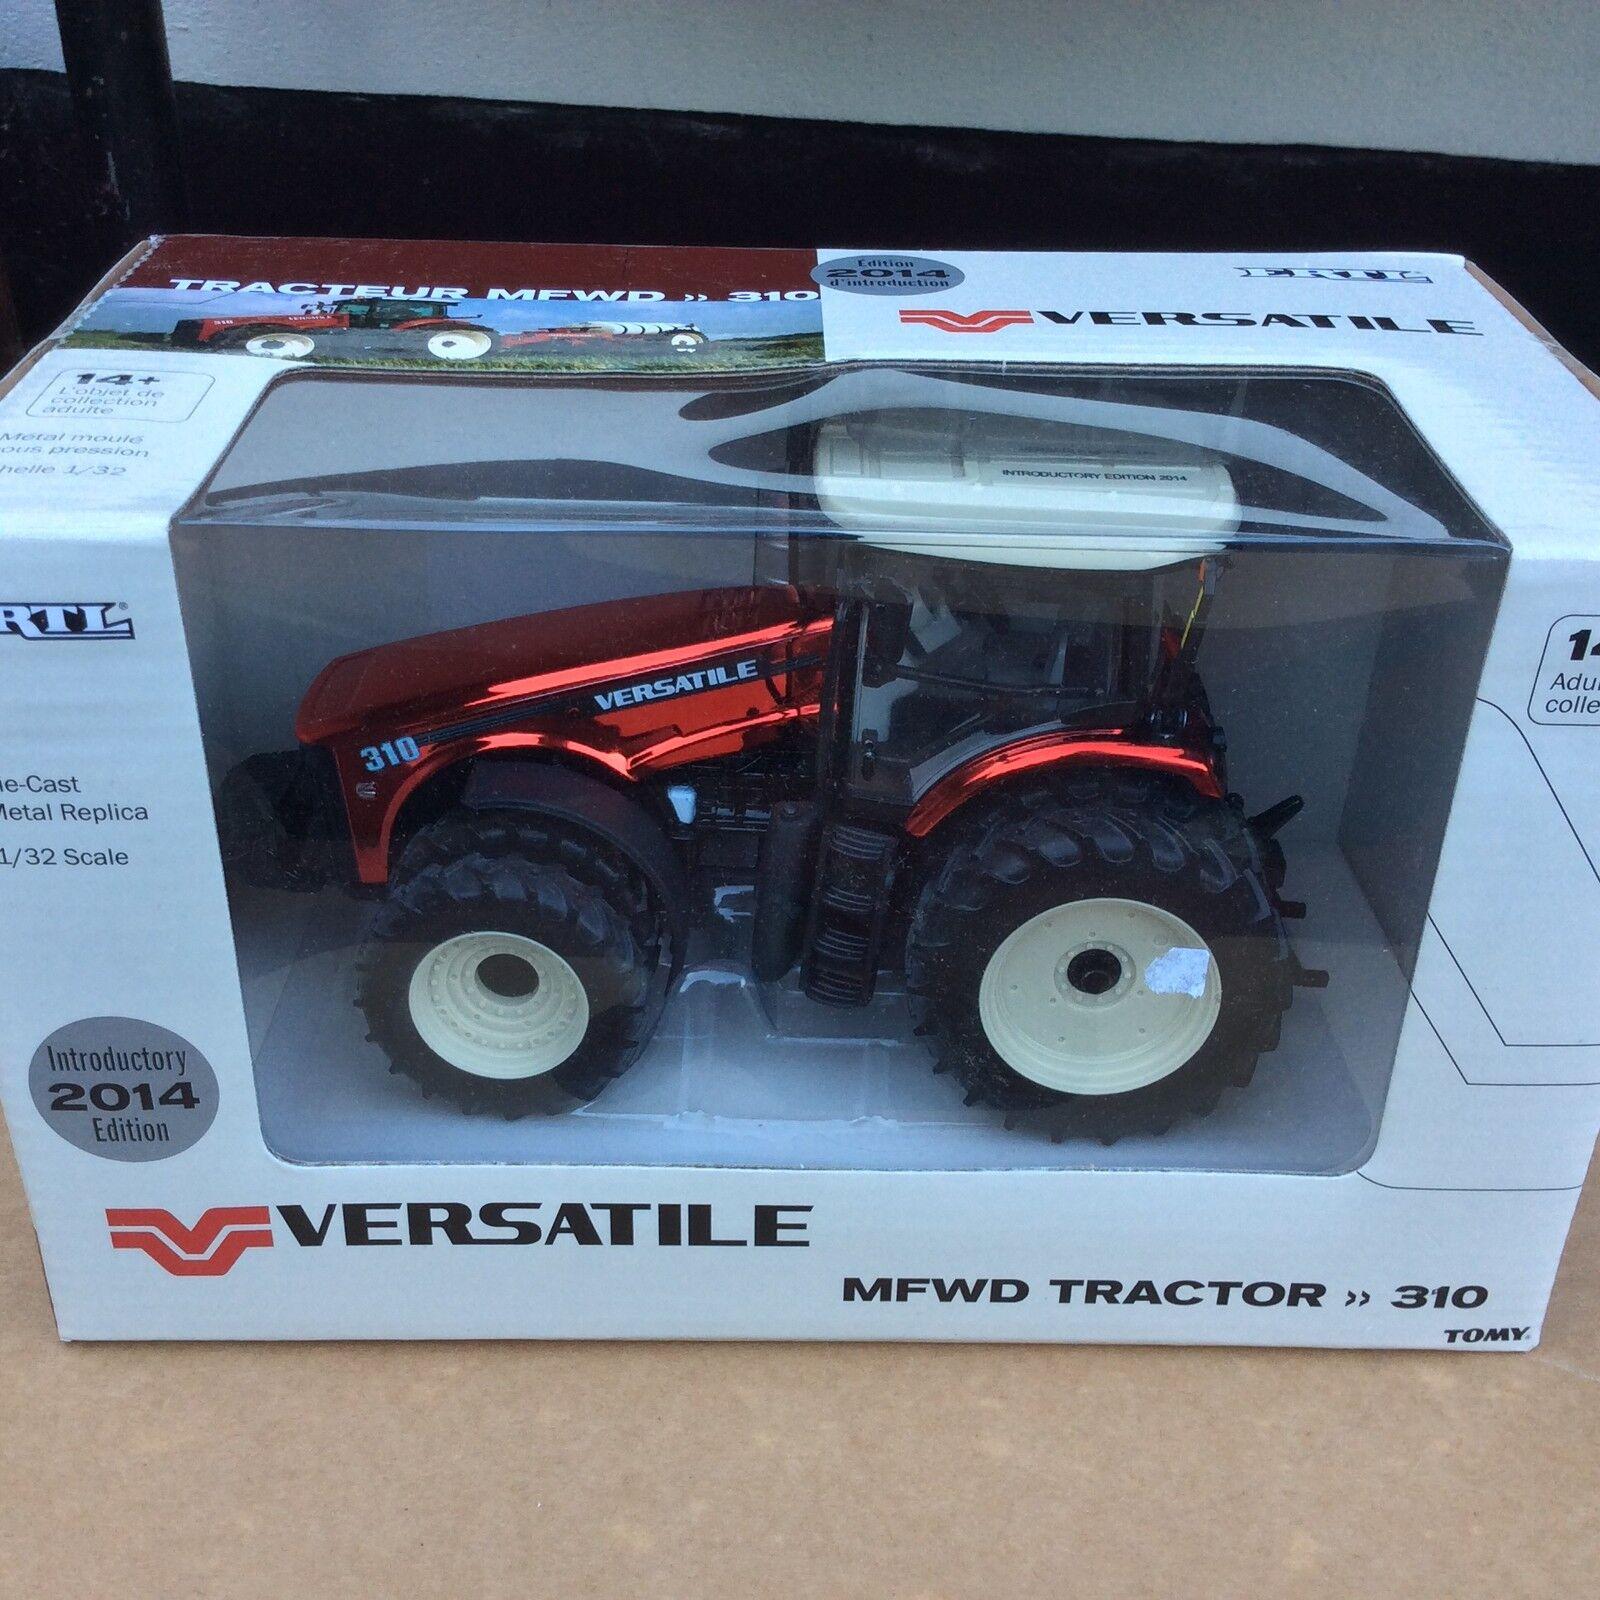 Escala 1 32 versátil 310 Tractor Tracteur Traktor Chase unidad roja cromo Ertl